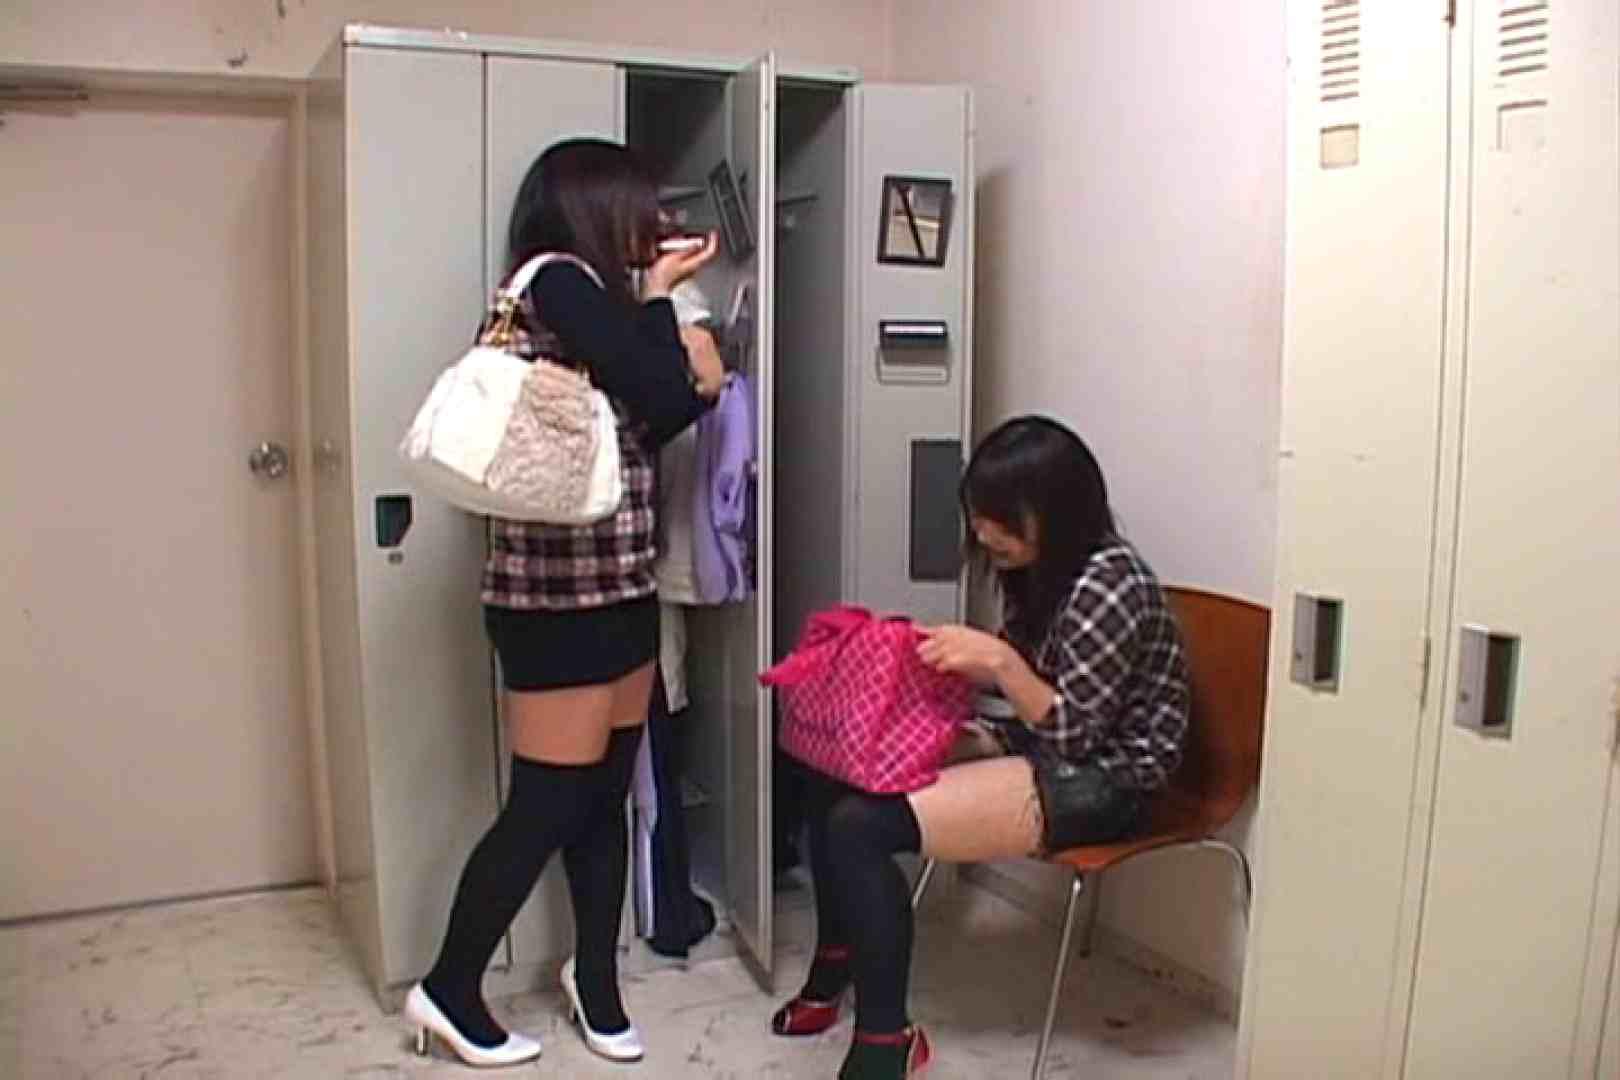 キャバ嬢舞台裏Vol.6 現役ギャル AV無料動画キャプチャ 96pic 86